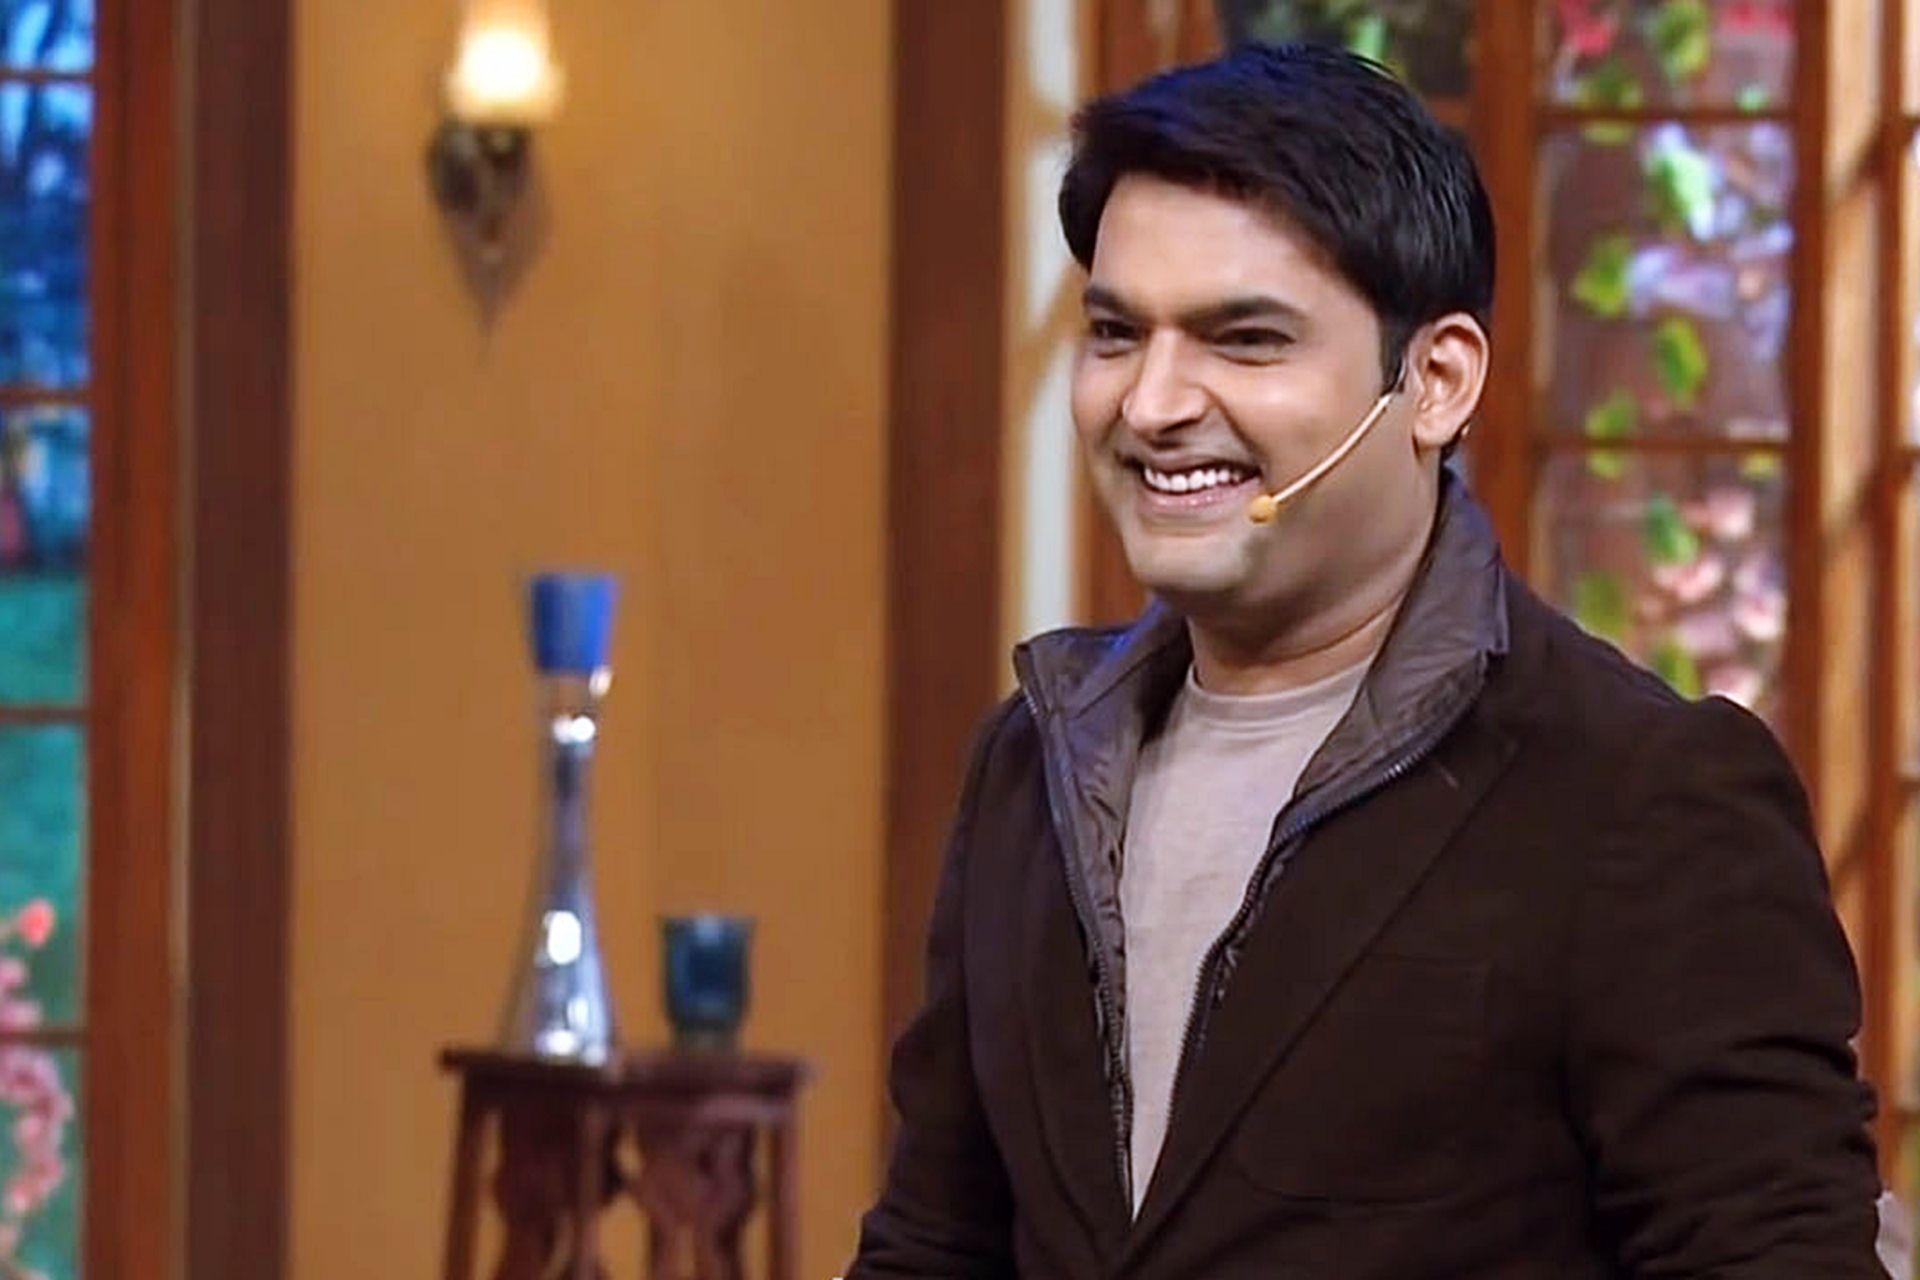 कॉमेडी किंग कपिल शर्मा के शो पर दिखेगी भारत की विश्व विजेता टीम